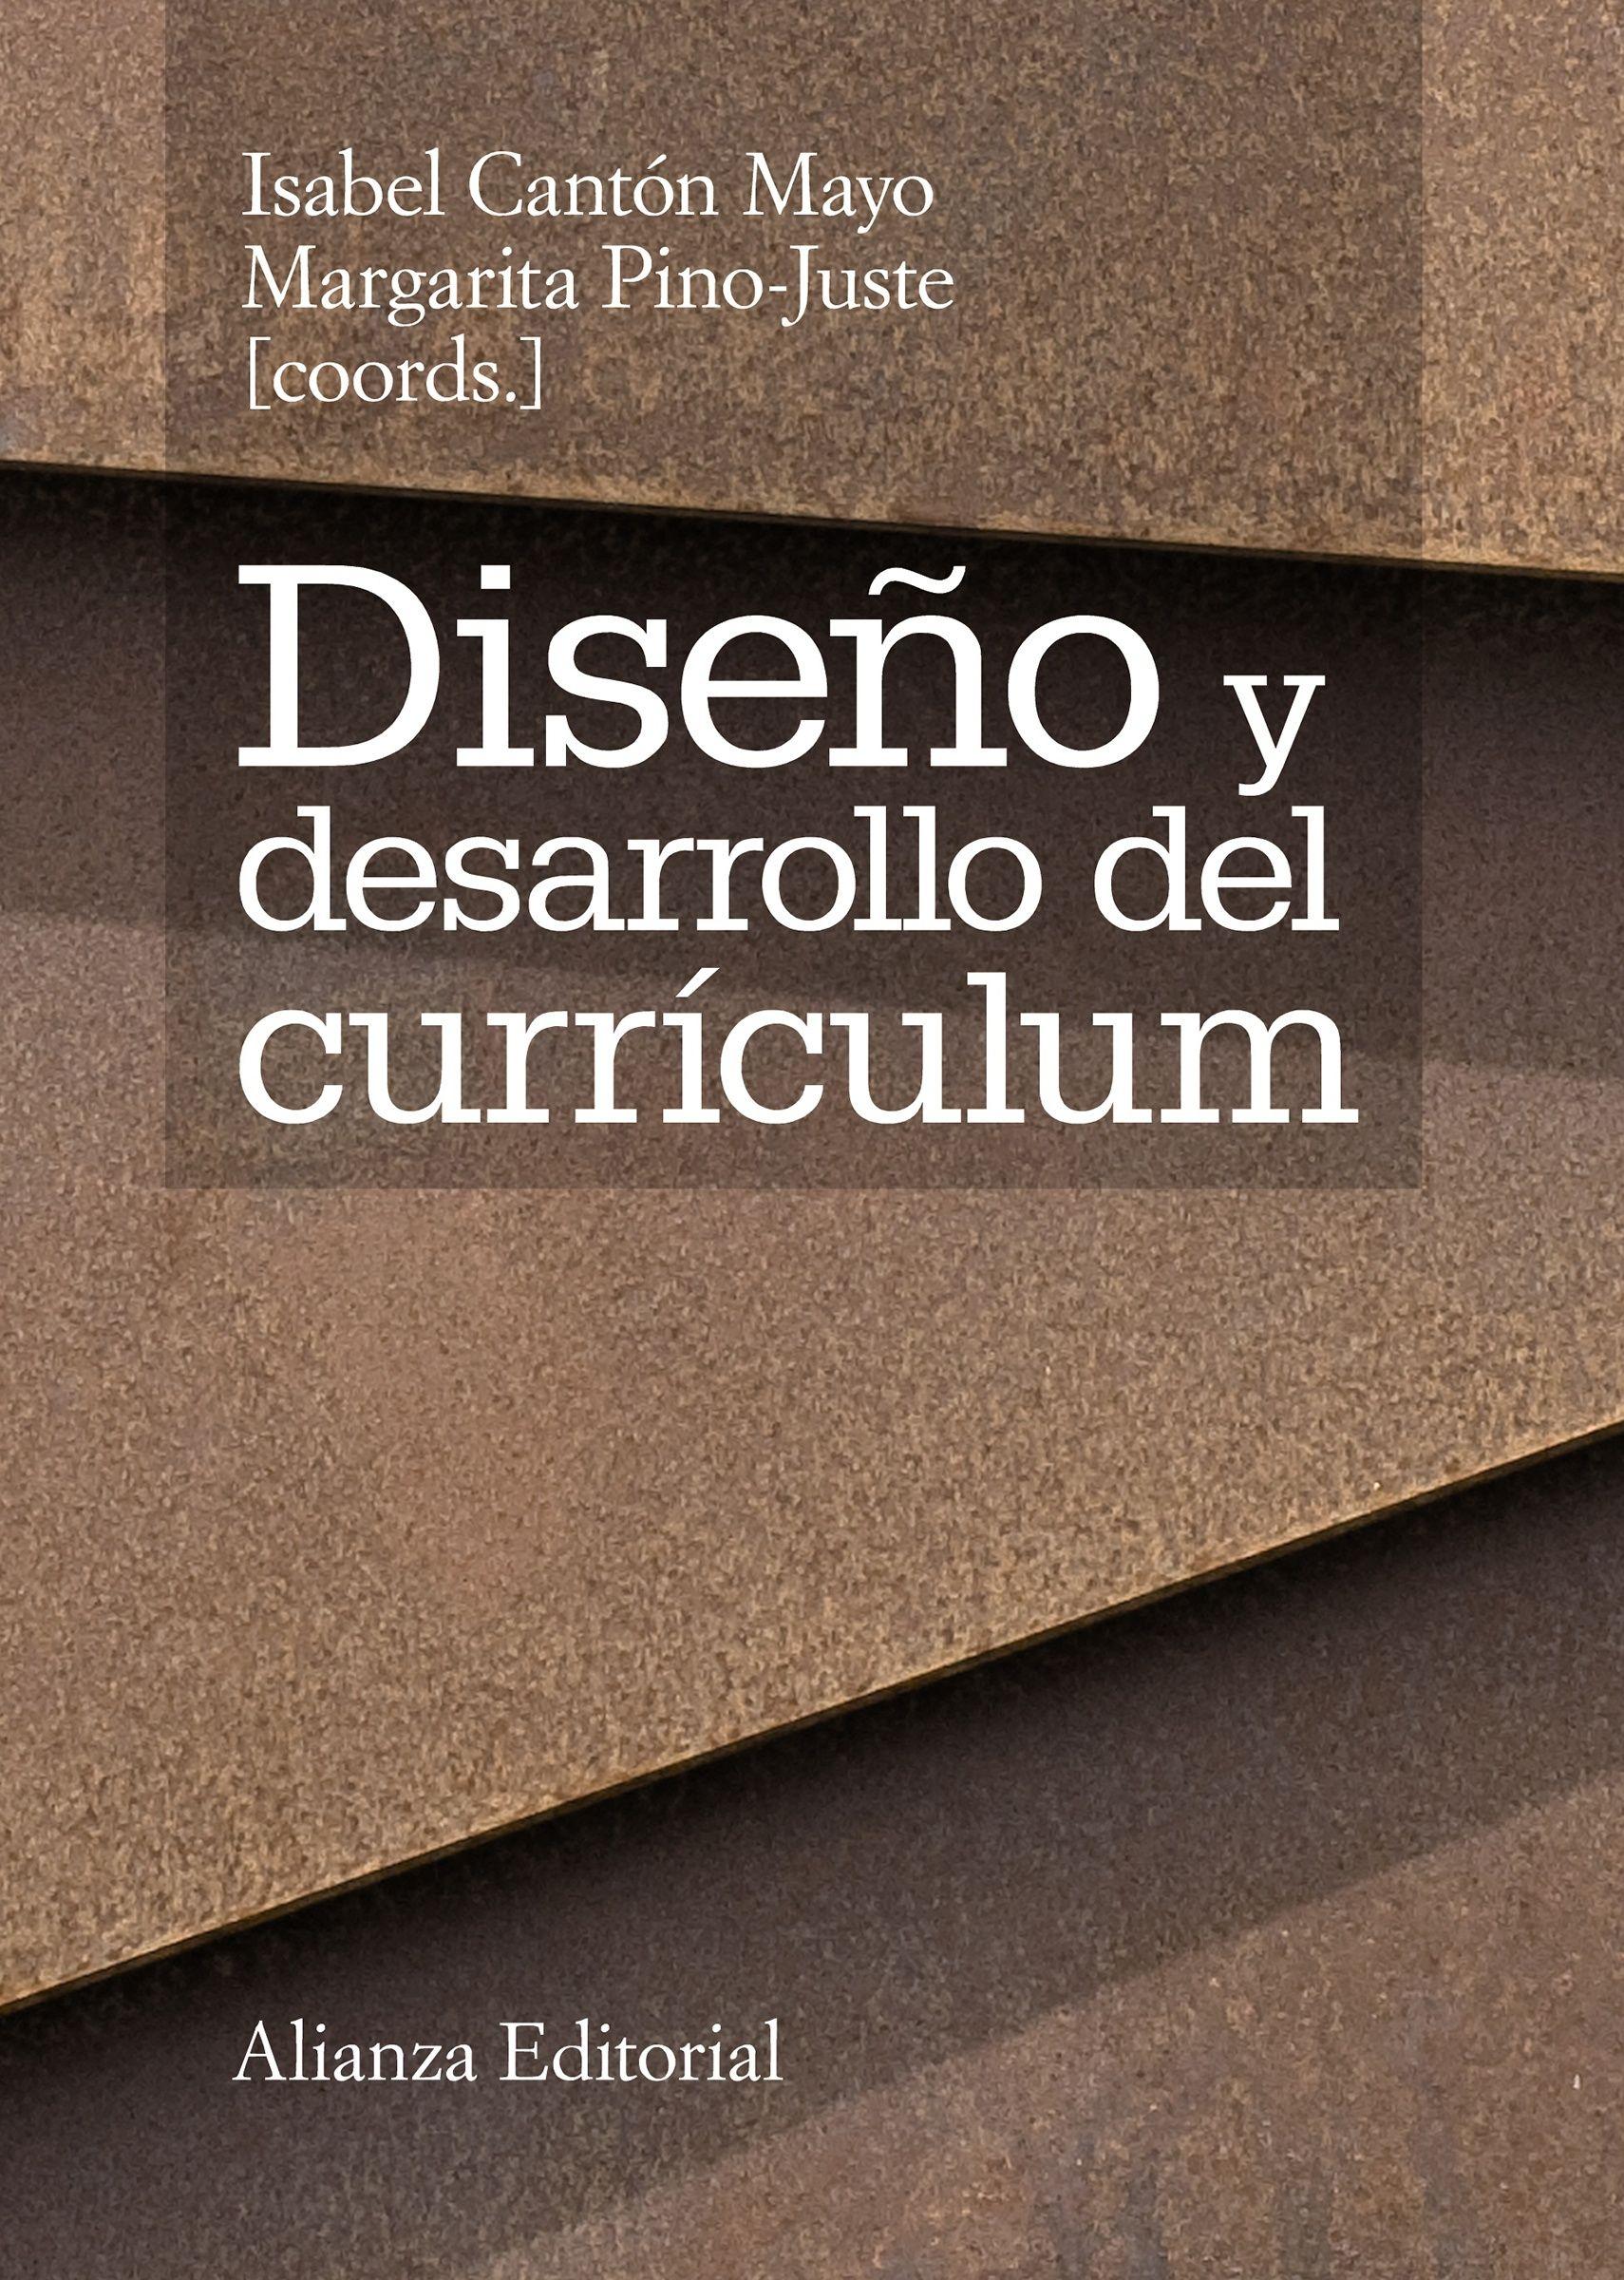 Pino-Juste, Margarita. Diseño y desarrollo del currículum. Larousse ...